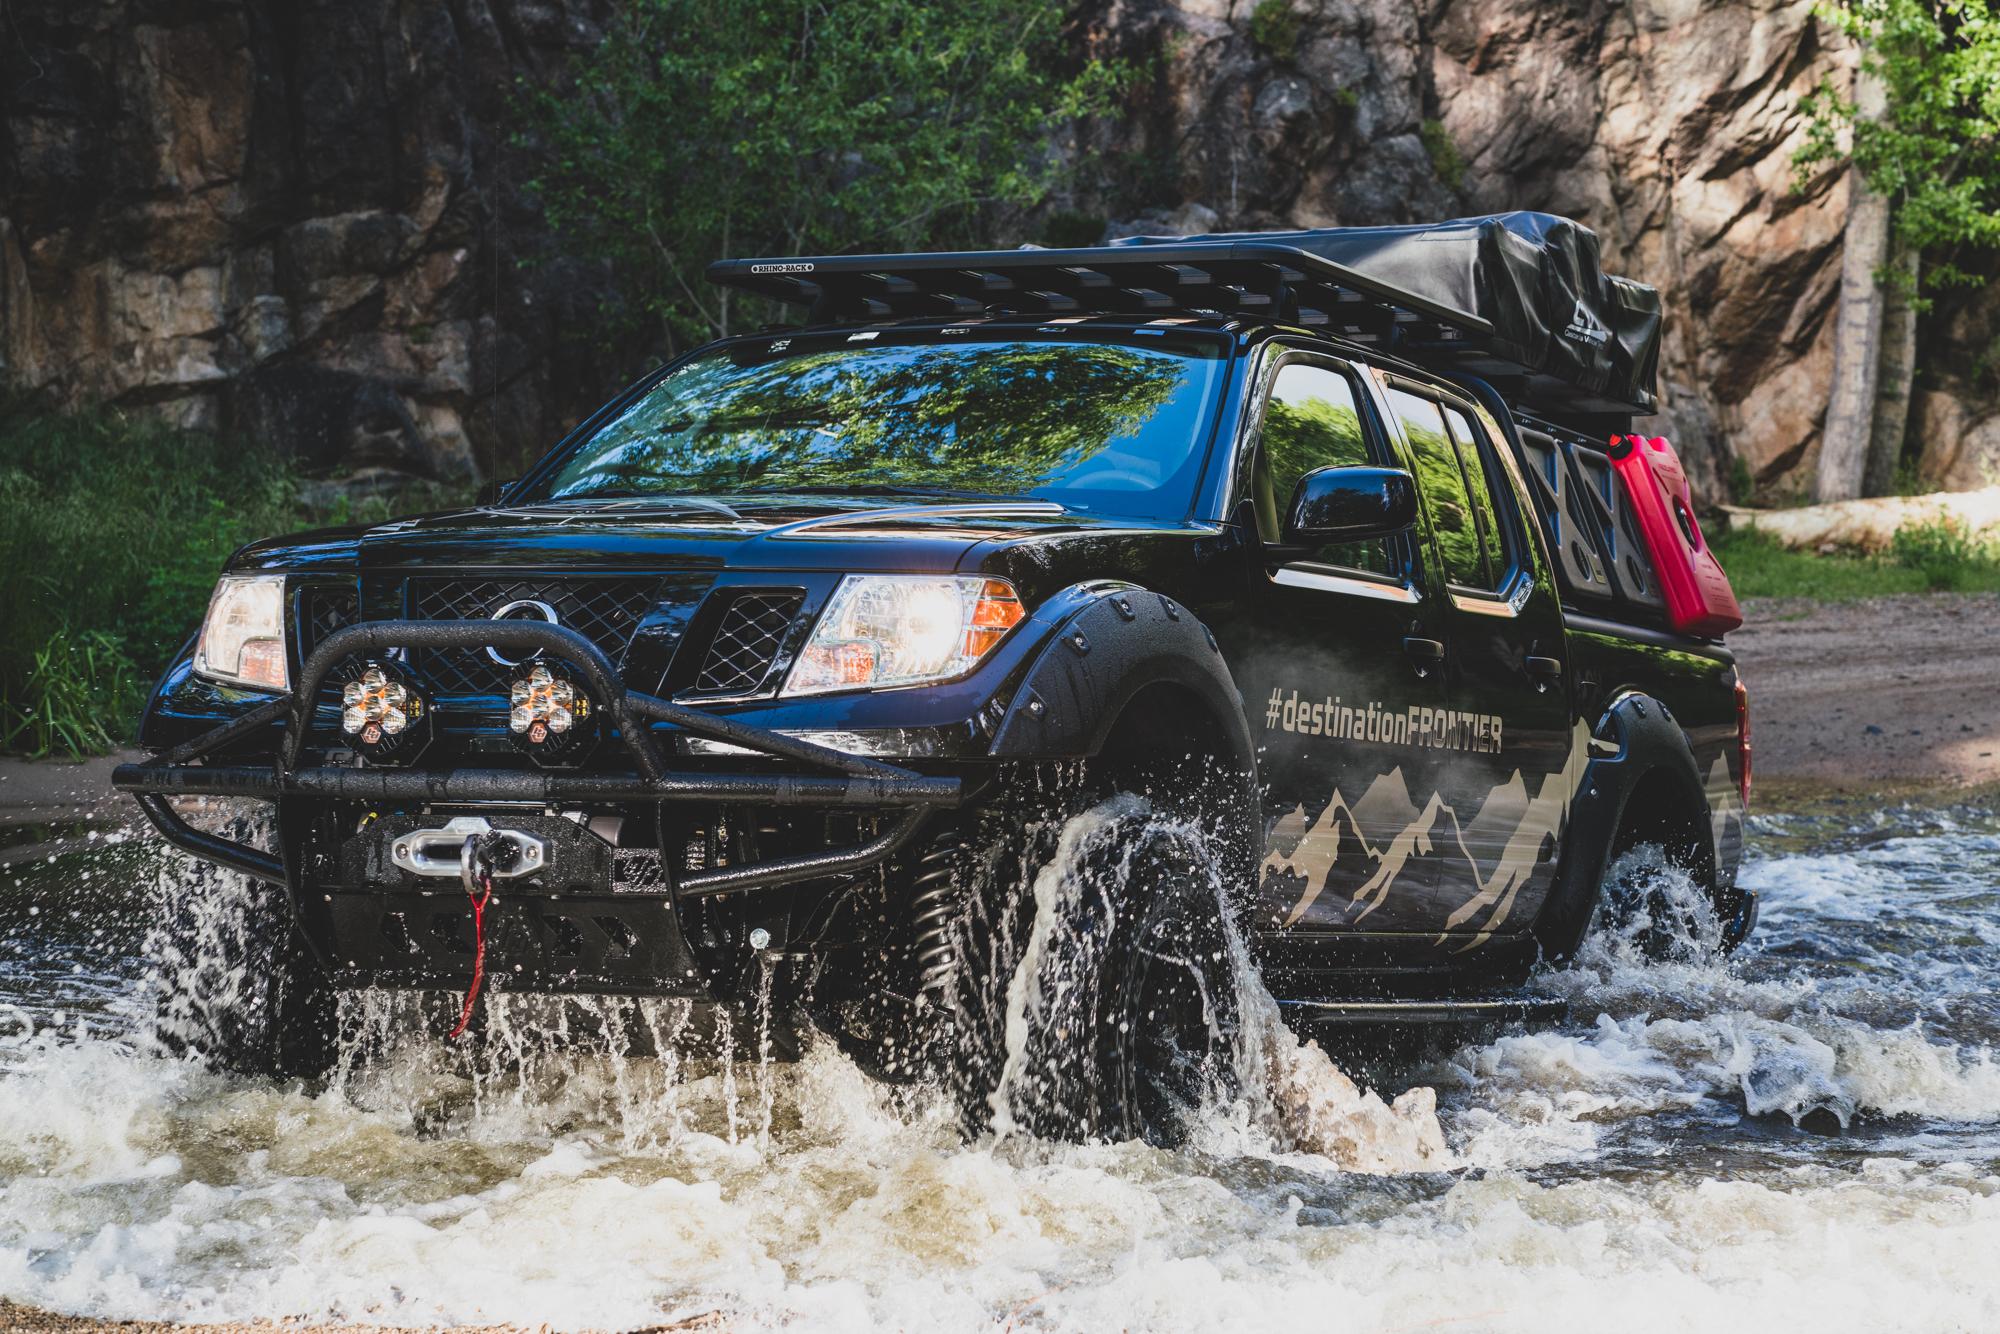 Nissan Destination Frontier water